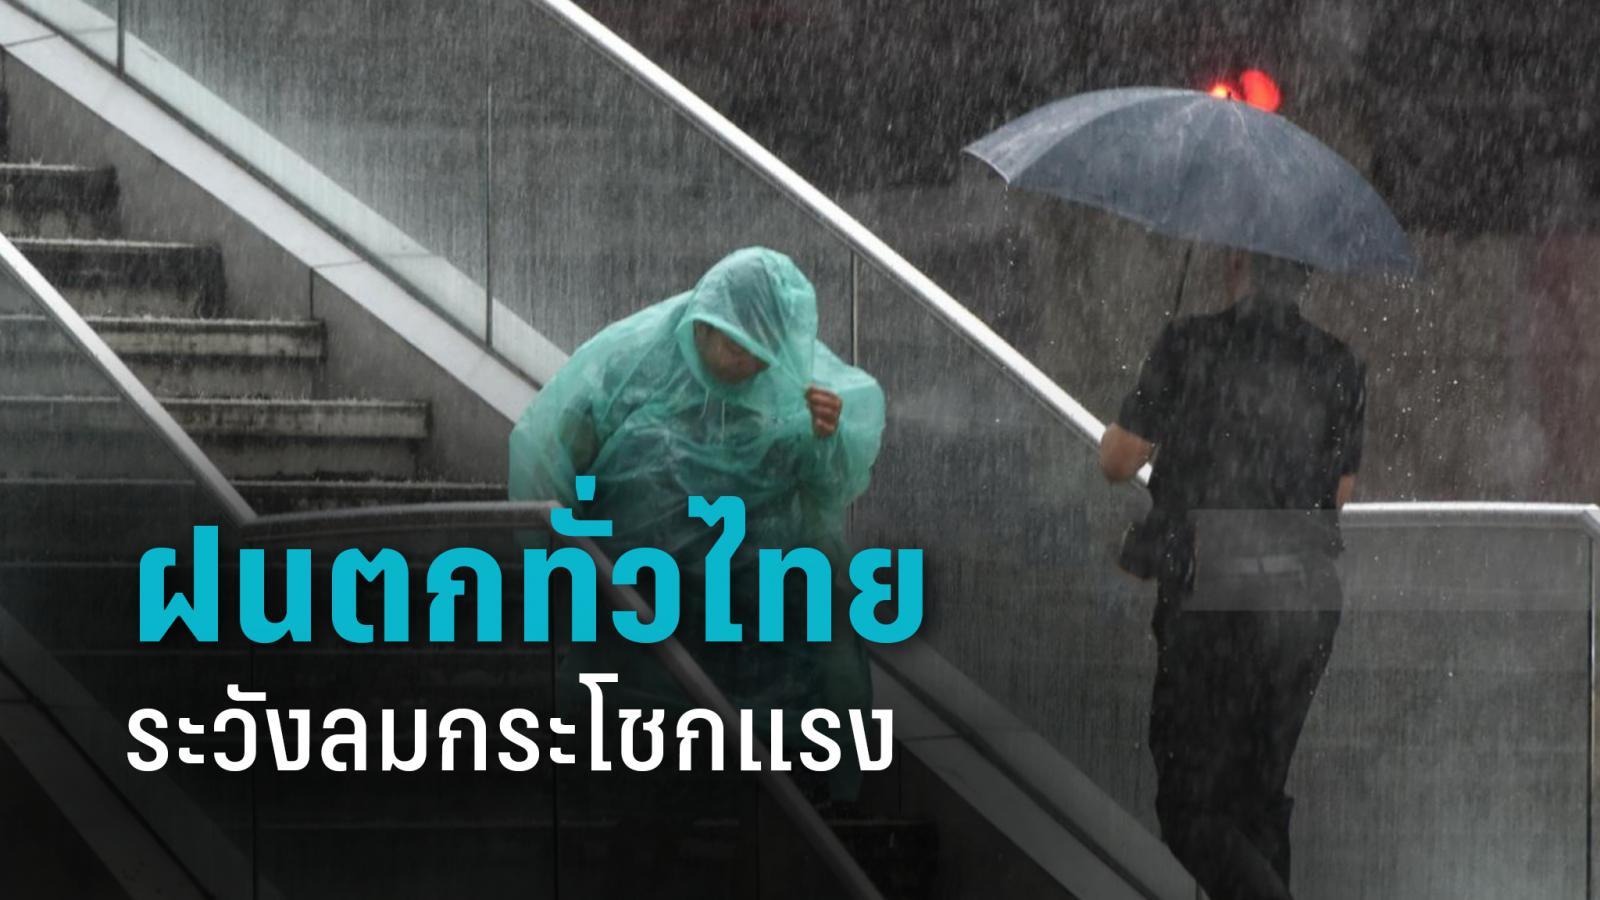 อุตุฯ เตือน วันนี้ฝนตกทั่วไทยระวังลมกระโชกแรง